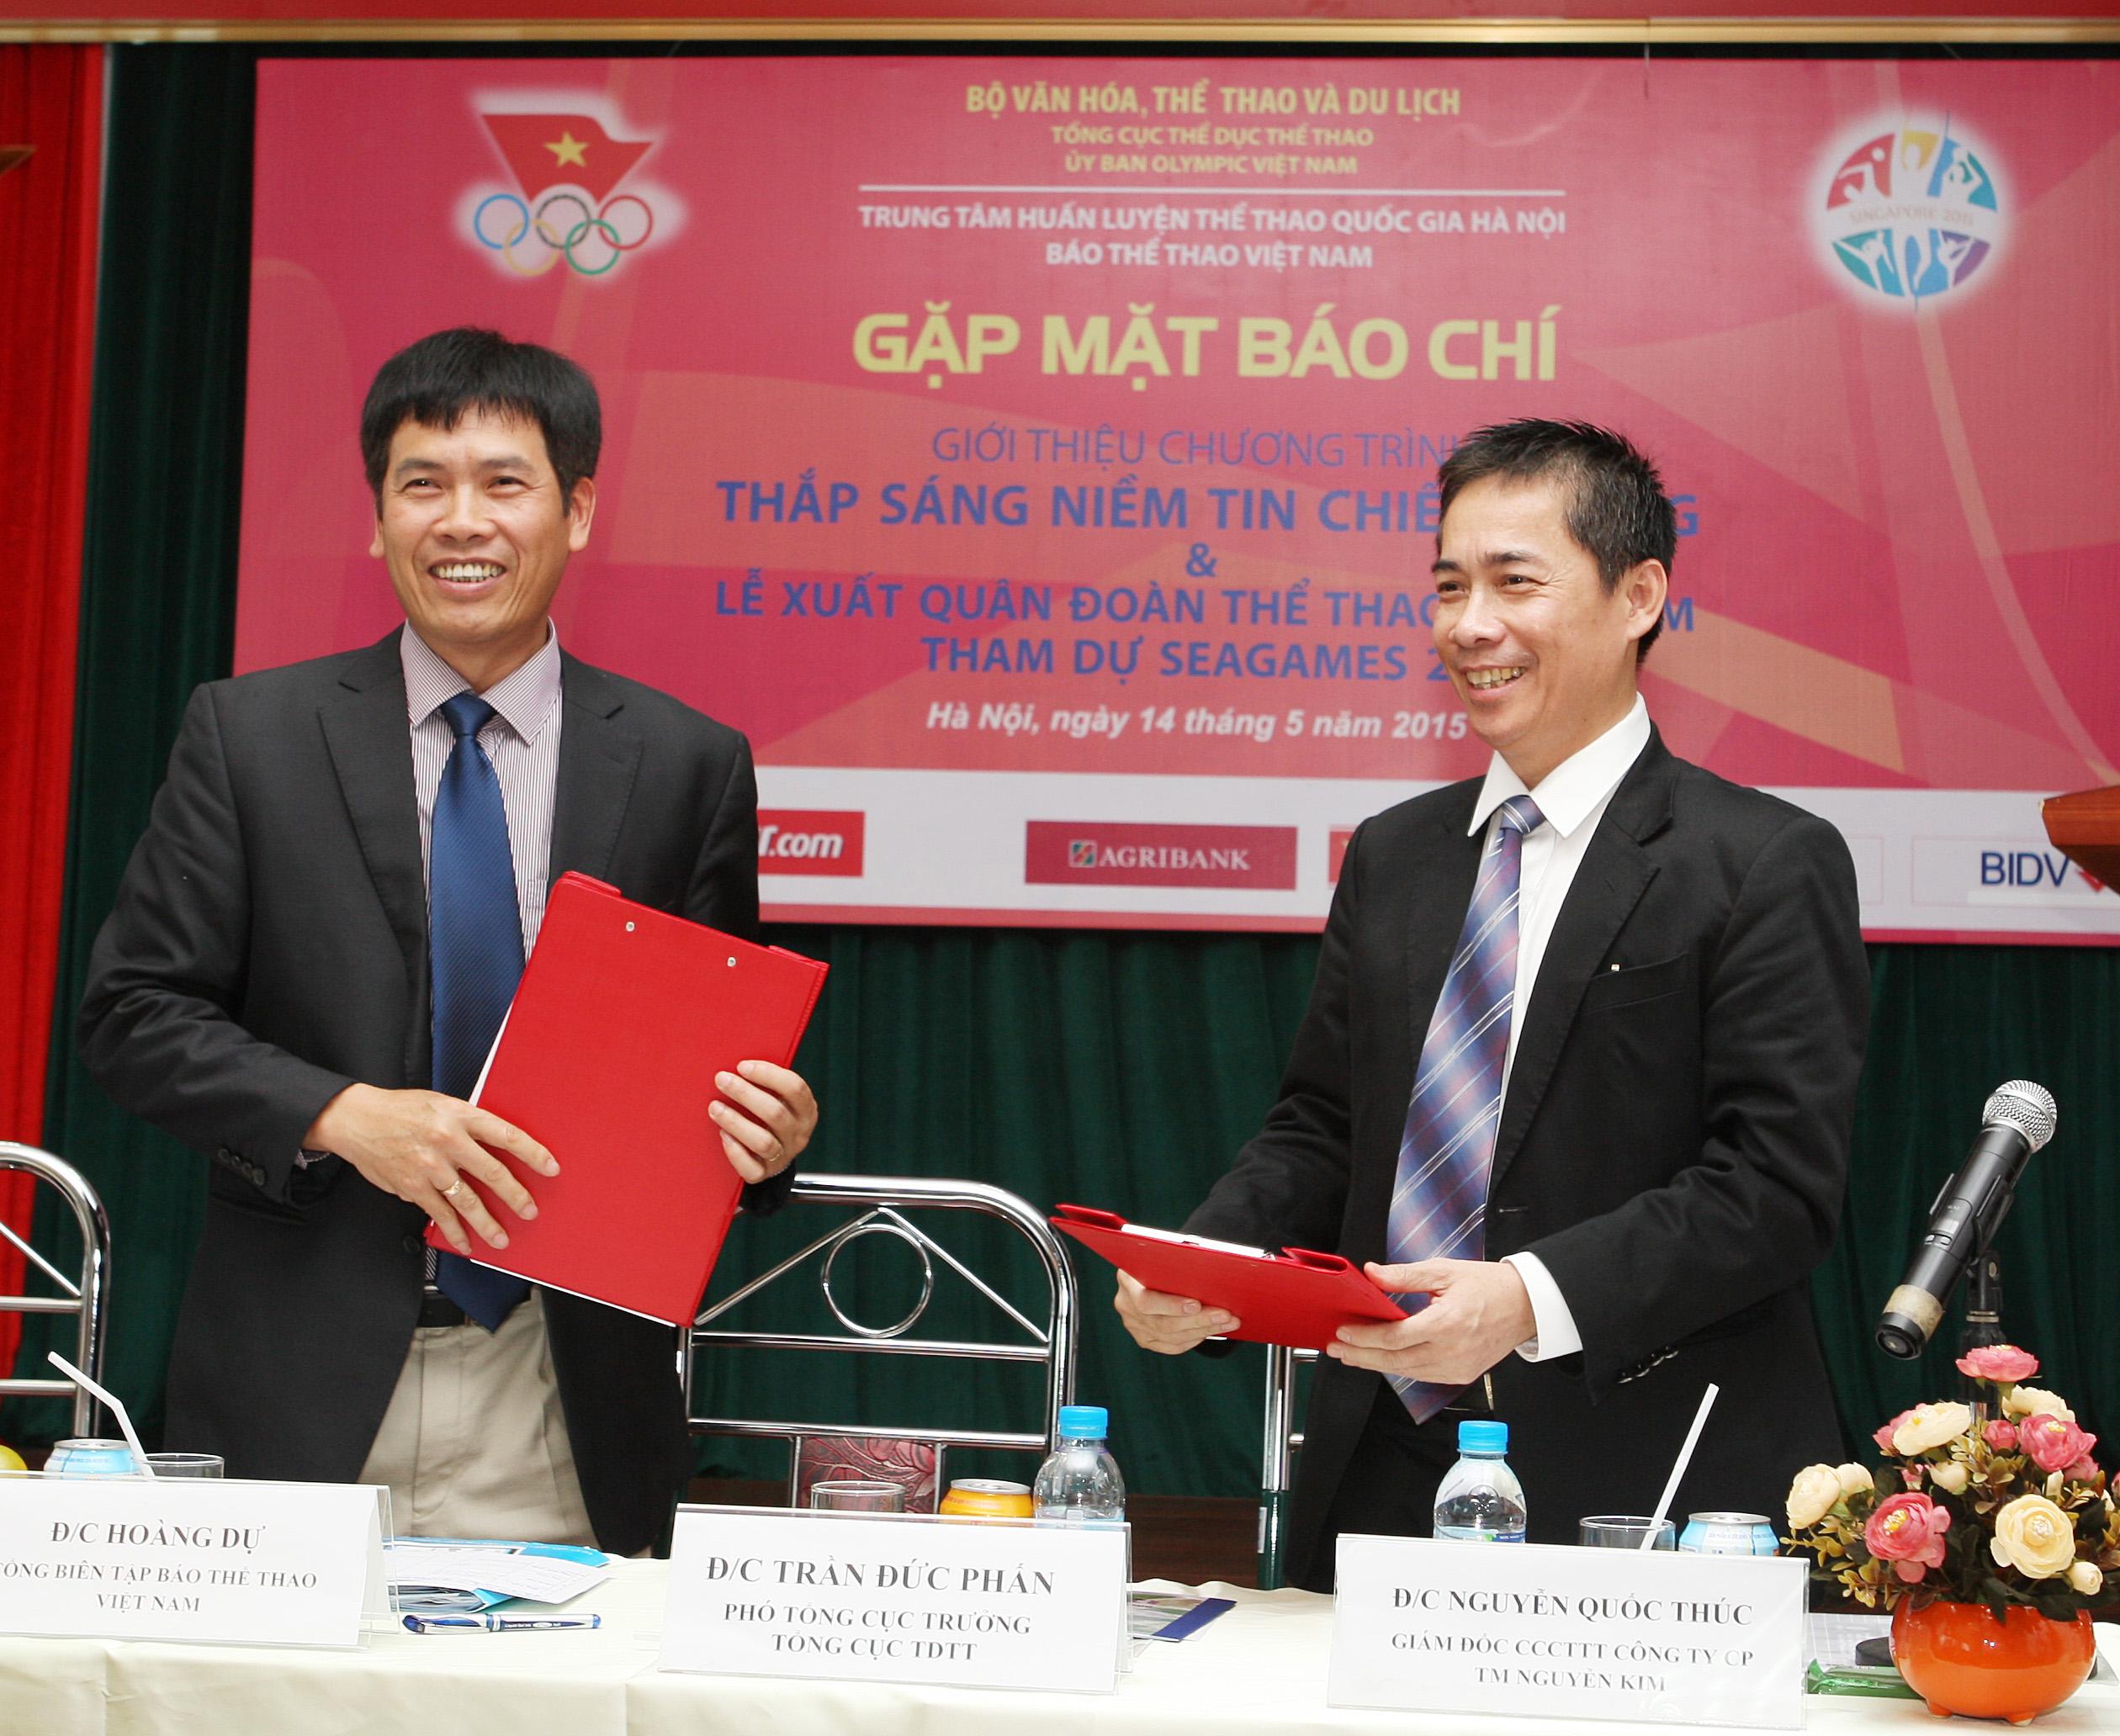 Nguyễn Kim - Tất cả vì một tinh thần thể thao Việt Nam